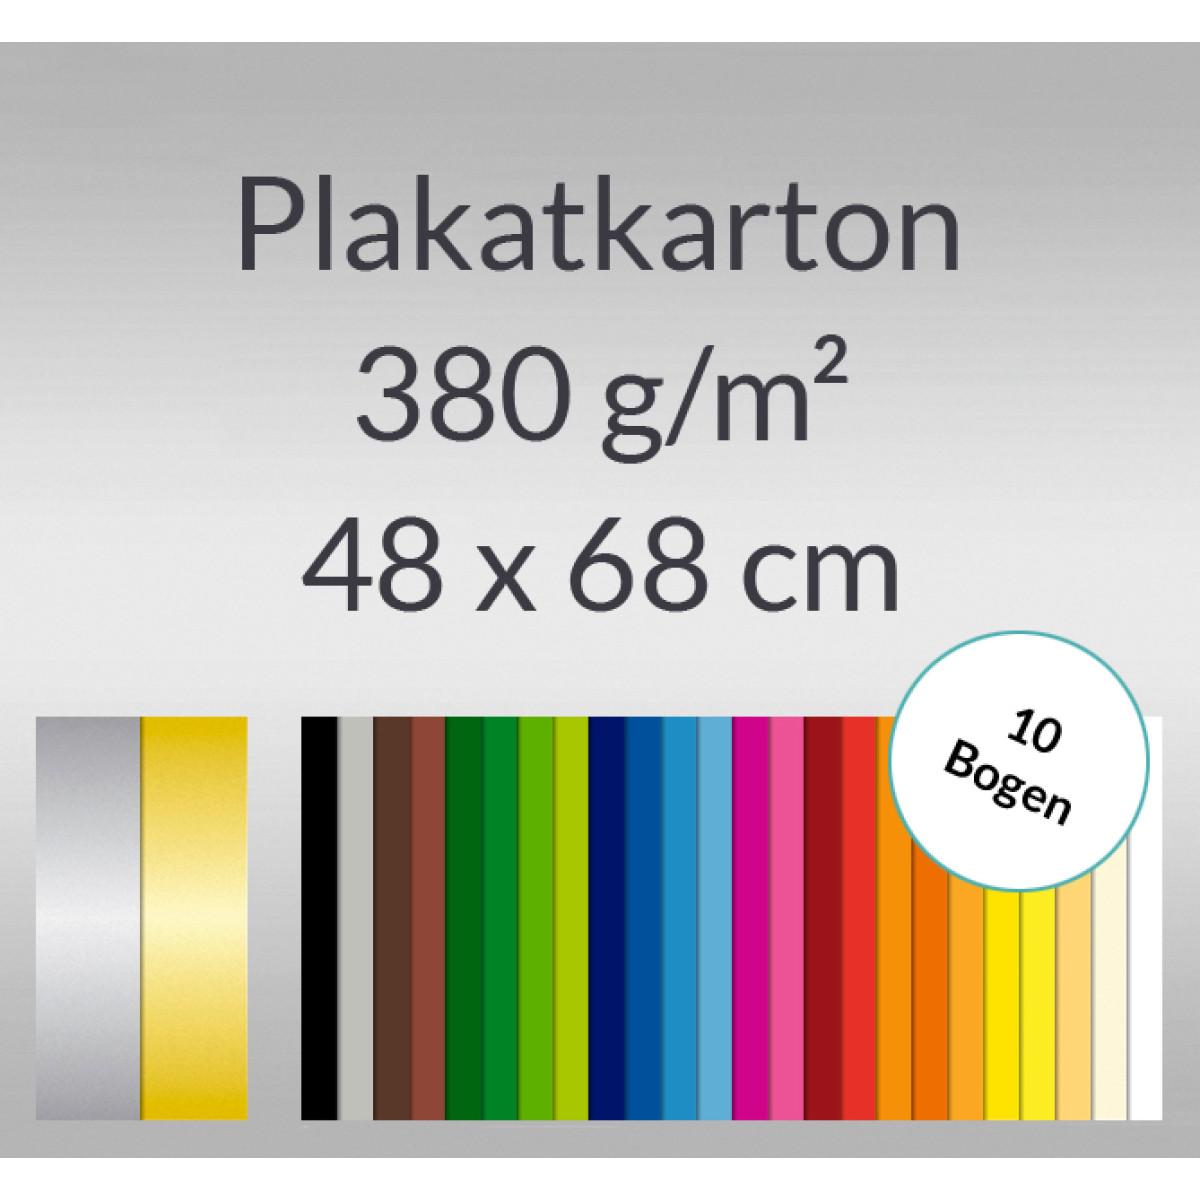 Plakatkarton 380 g/qm 48 x 68 cm - 10 Bogen